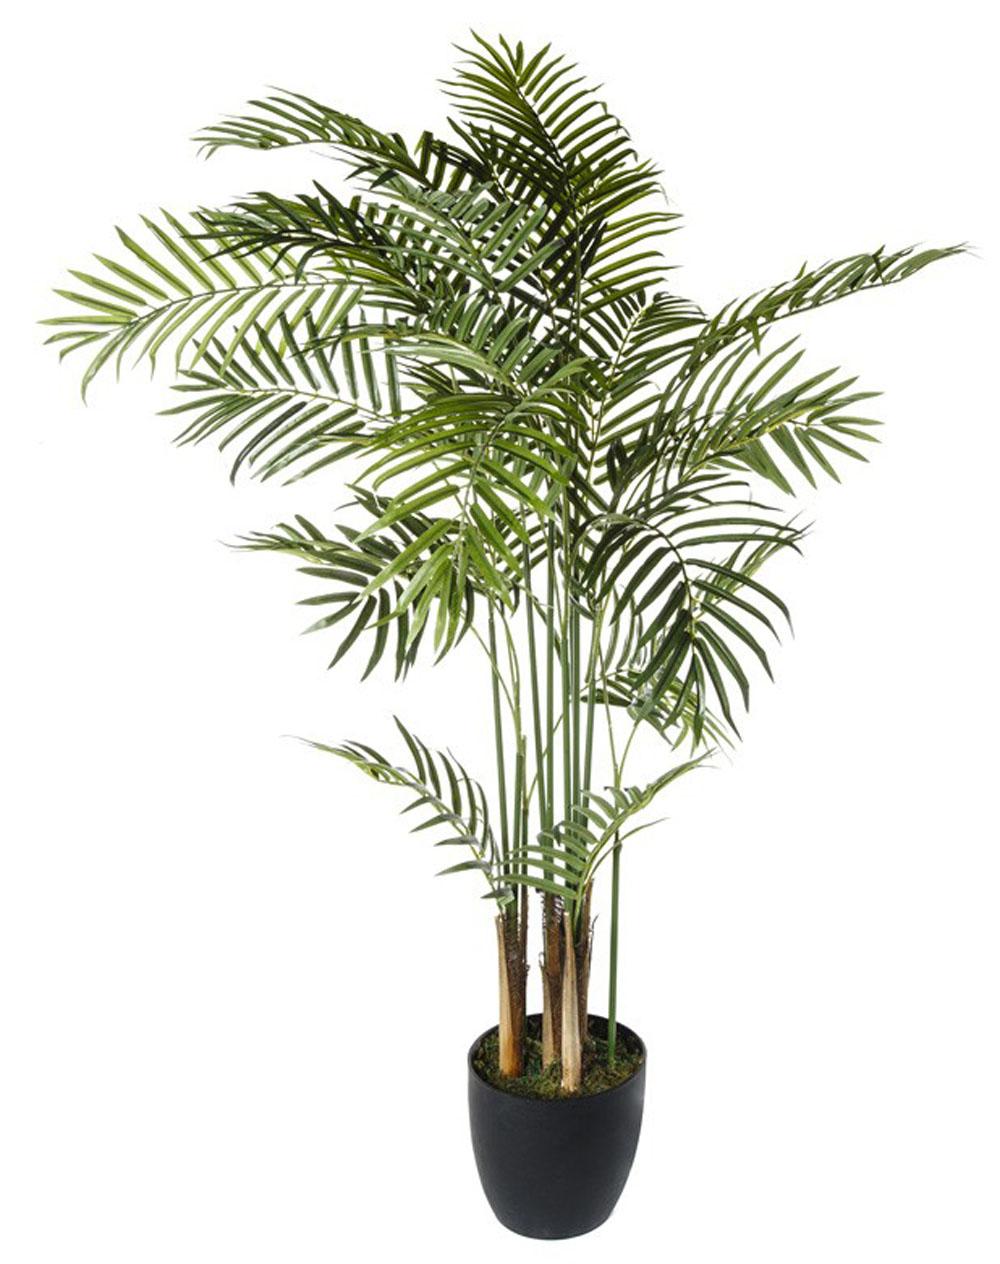 Plante artificielle palmier dim h 120 cm for Plante artificielle palmier